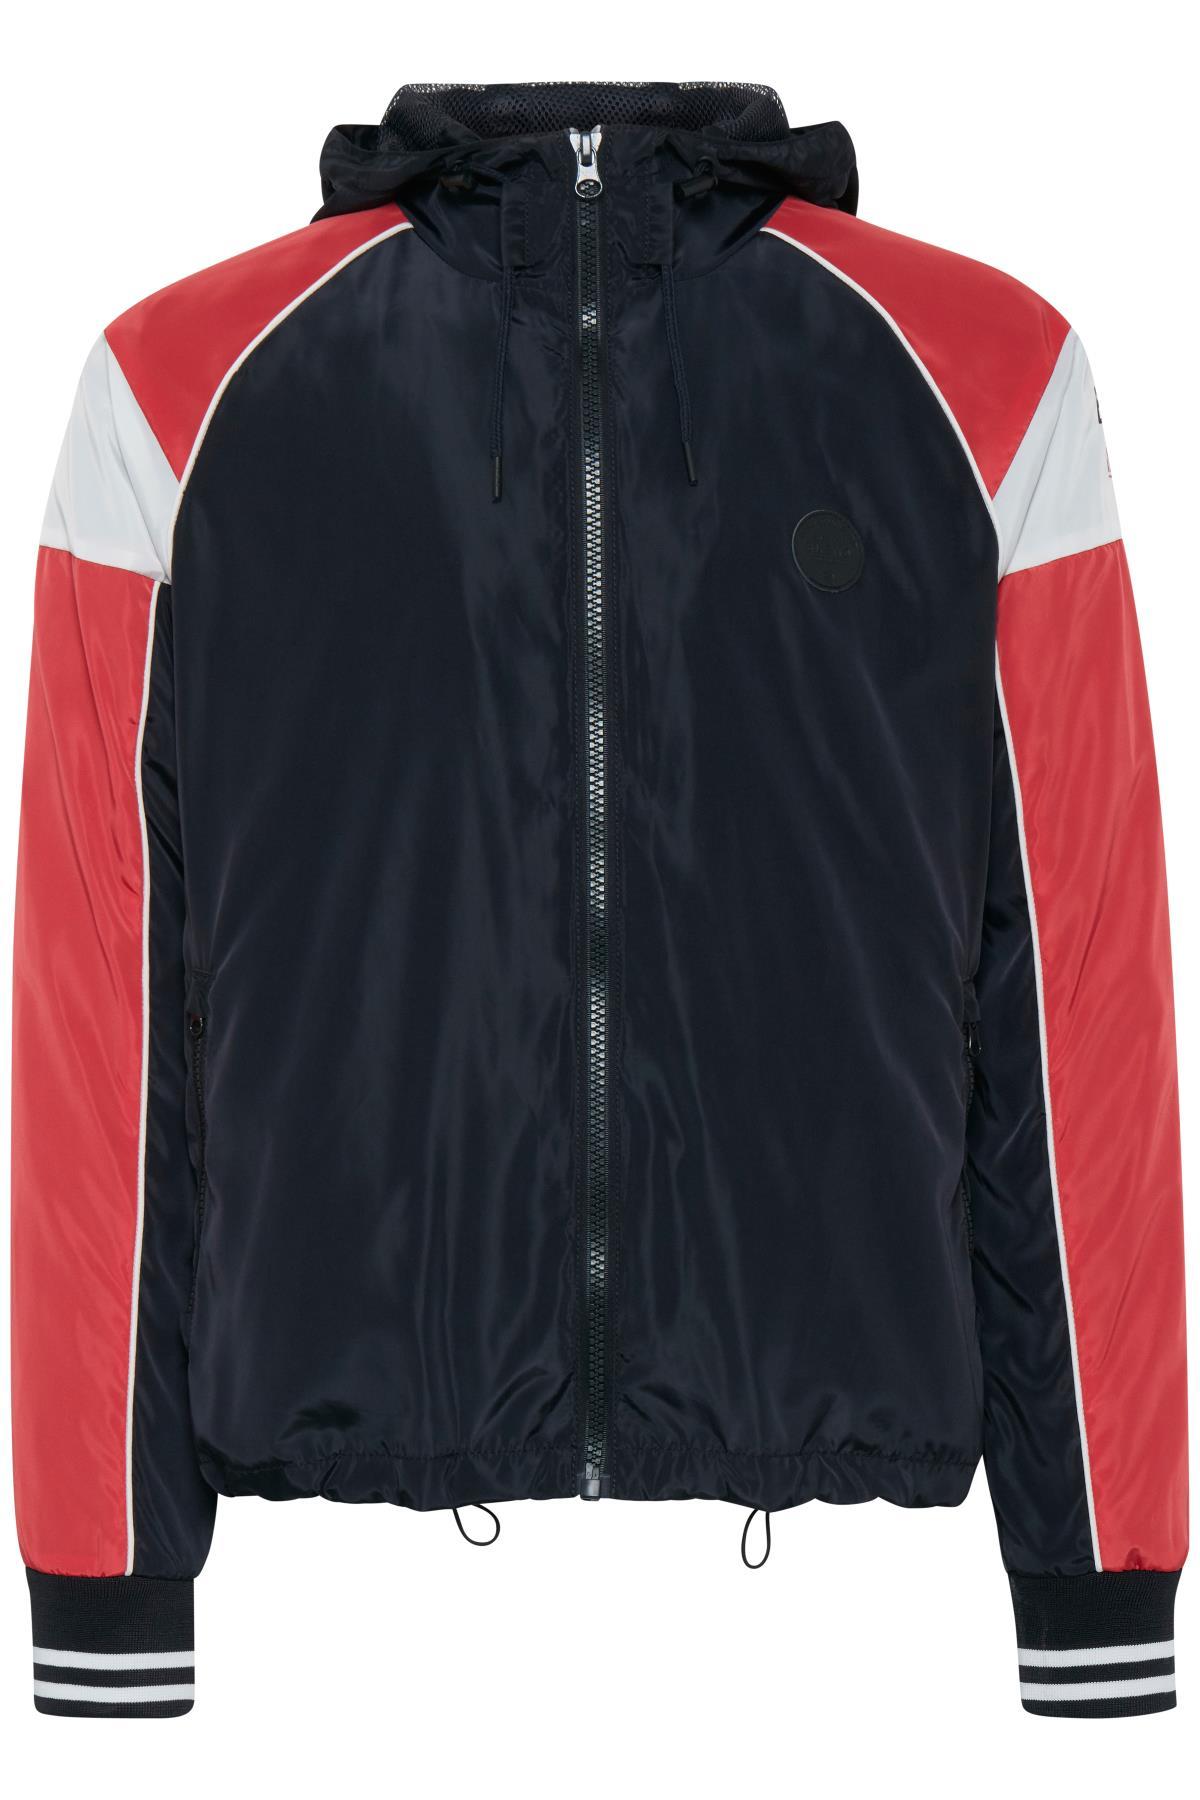 Dark Navy Blue Overtøj – Køb Dark Navy Blue Overtøj fra str. S-XL her